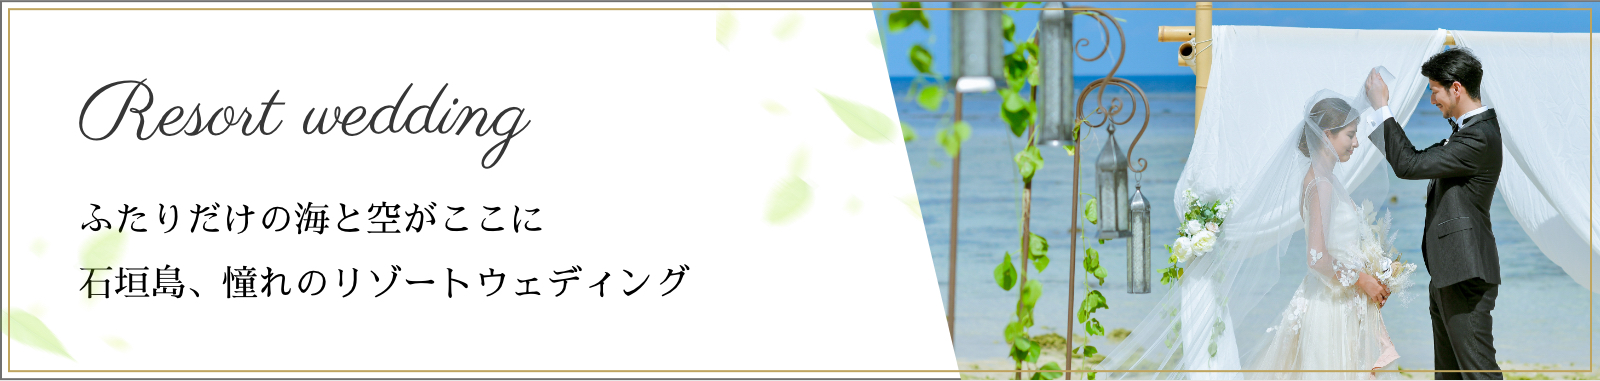 Resort wedding ふたりだけの海と空がここに石垣島、憧れのリゾートウェディング